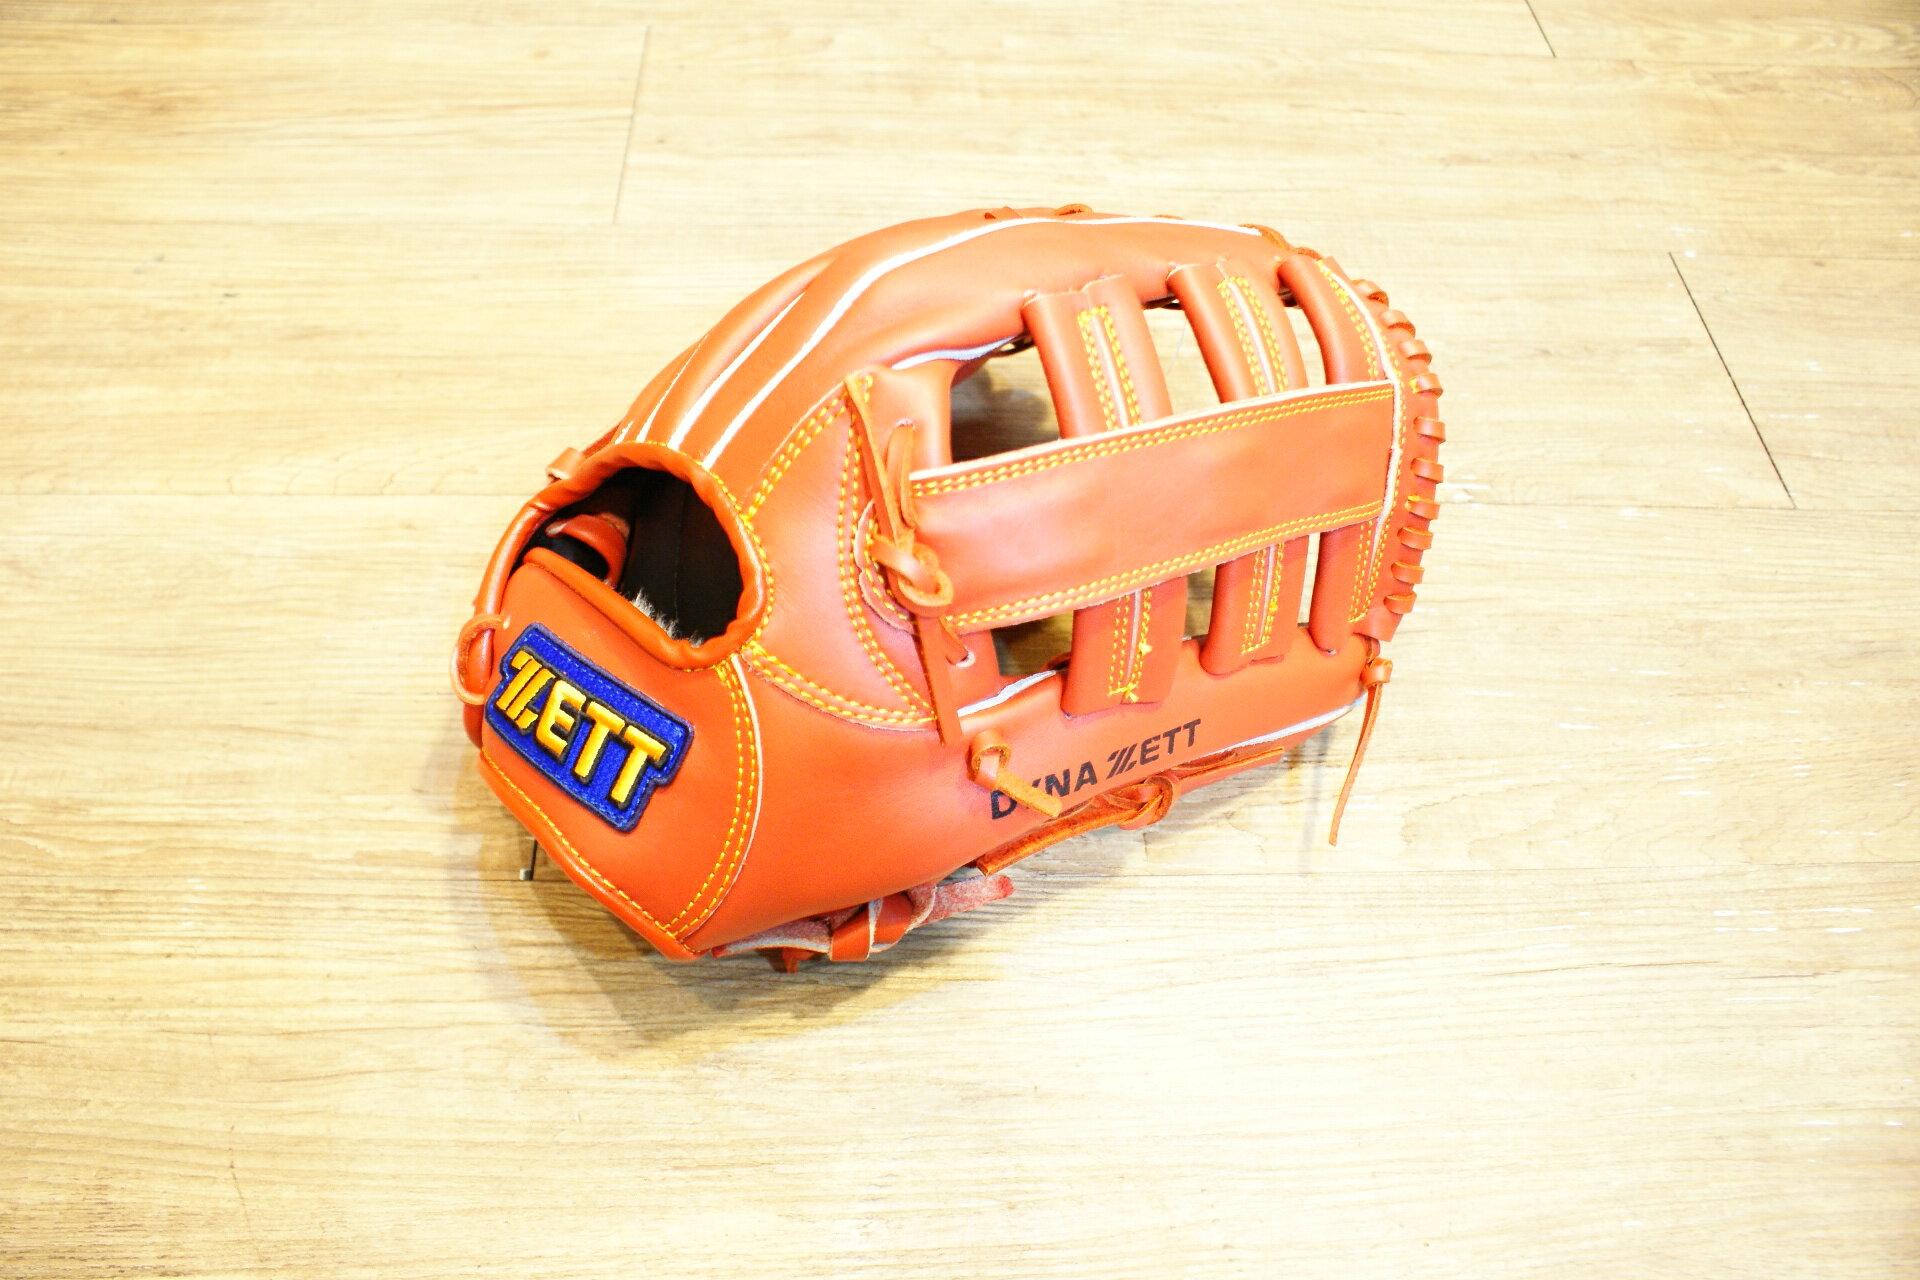 棒球世界 全新ZETT棒球外野手手套 橘色款 特價 雙十字檔